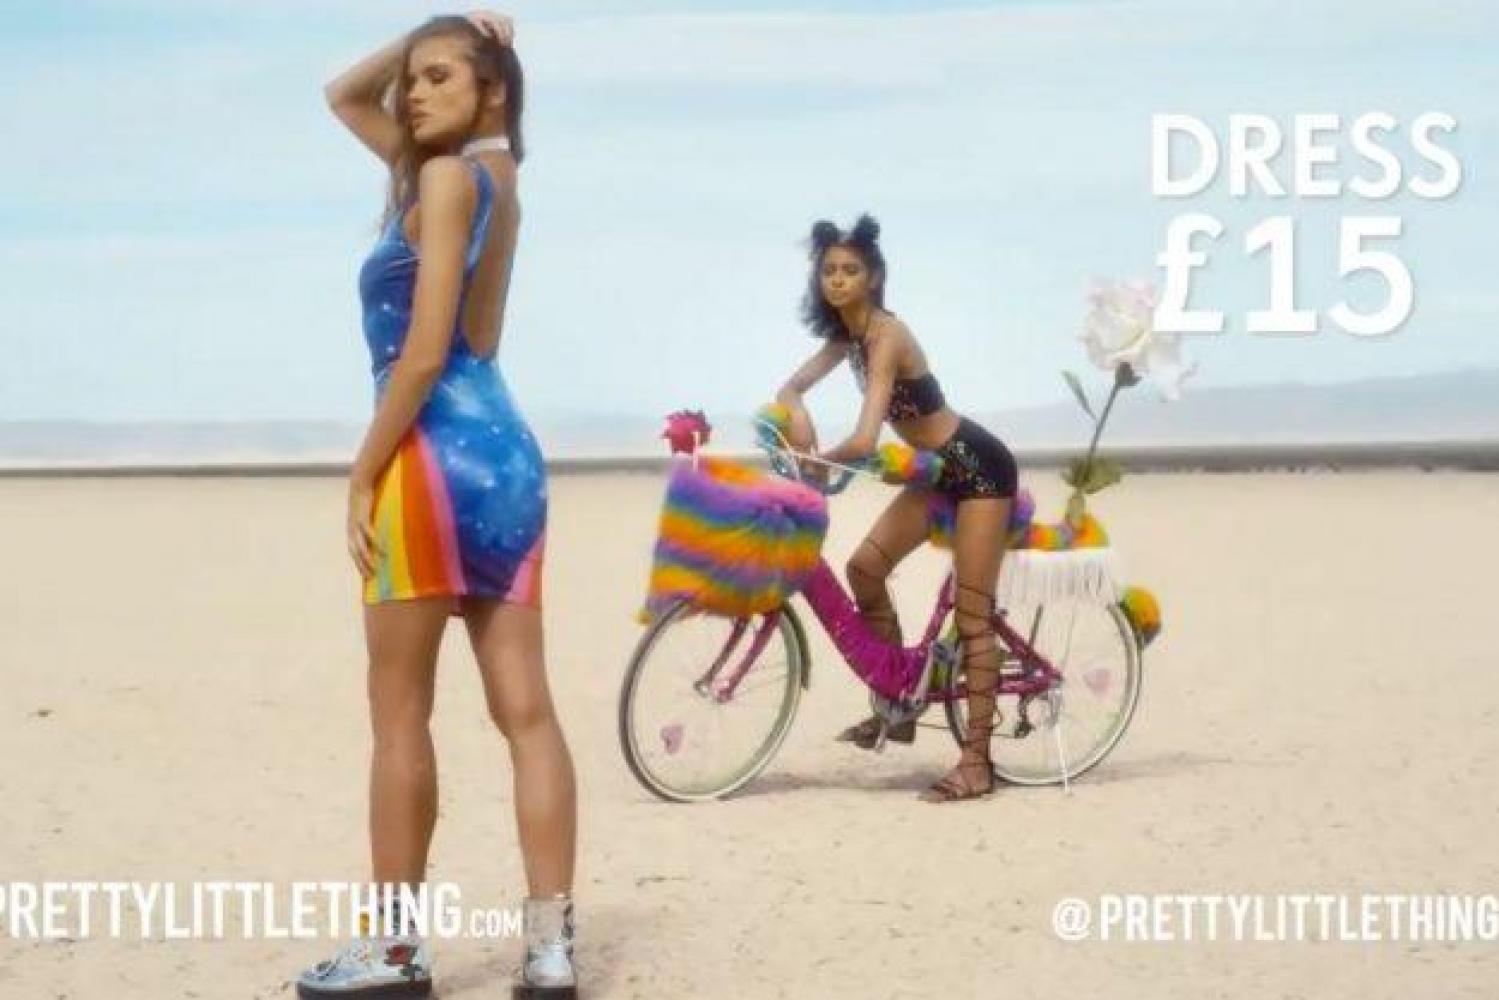 170920 Pretty Little Thing Advert Edc752A89238Fc0Ad4A4Fb4Ebaf79Cbd